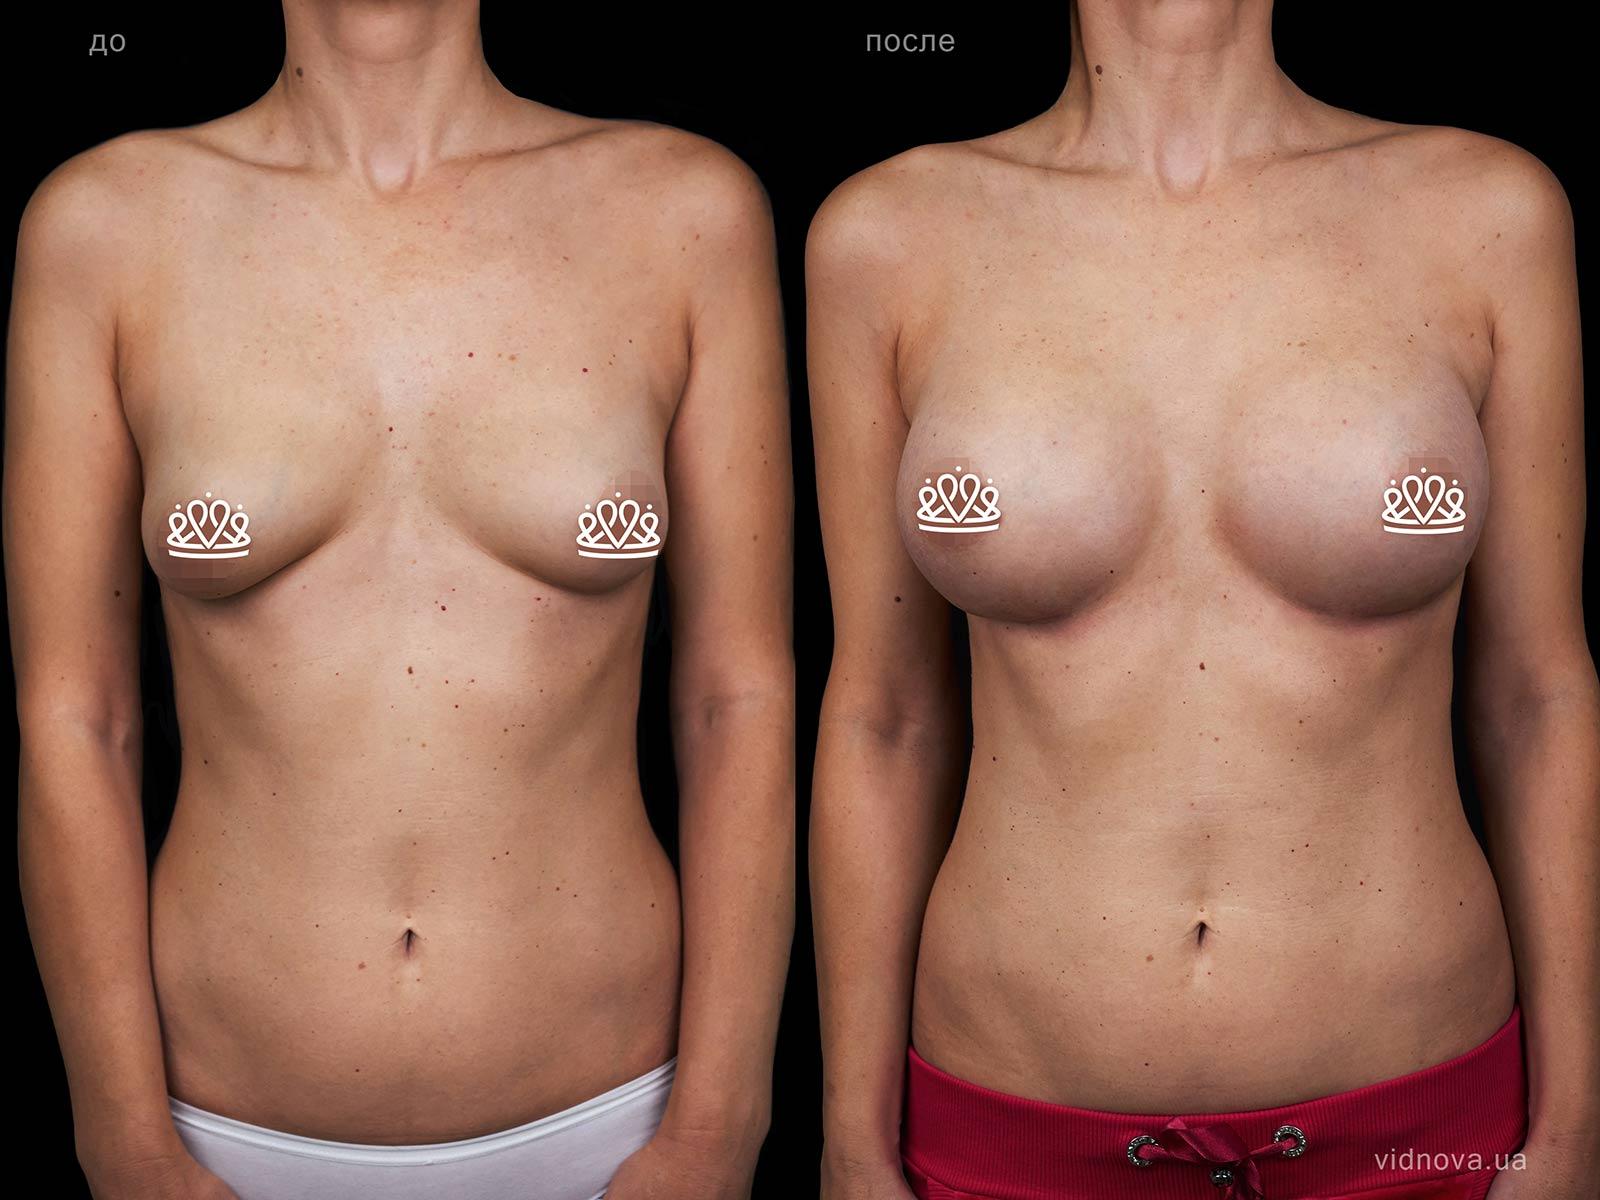 Пластика груди: результаты до и после - Пример №118-0 - Светлана Работенко